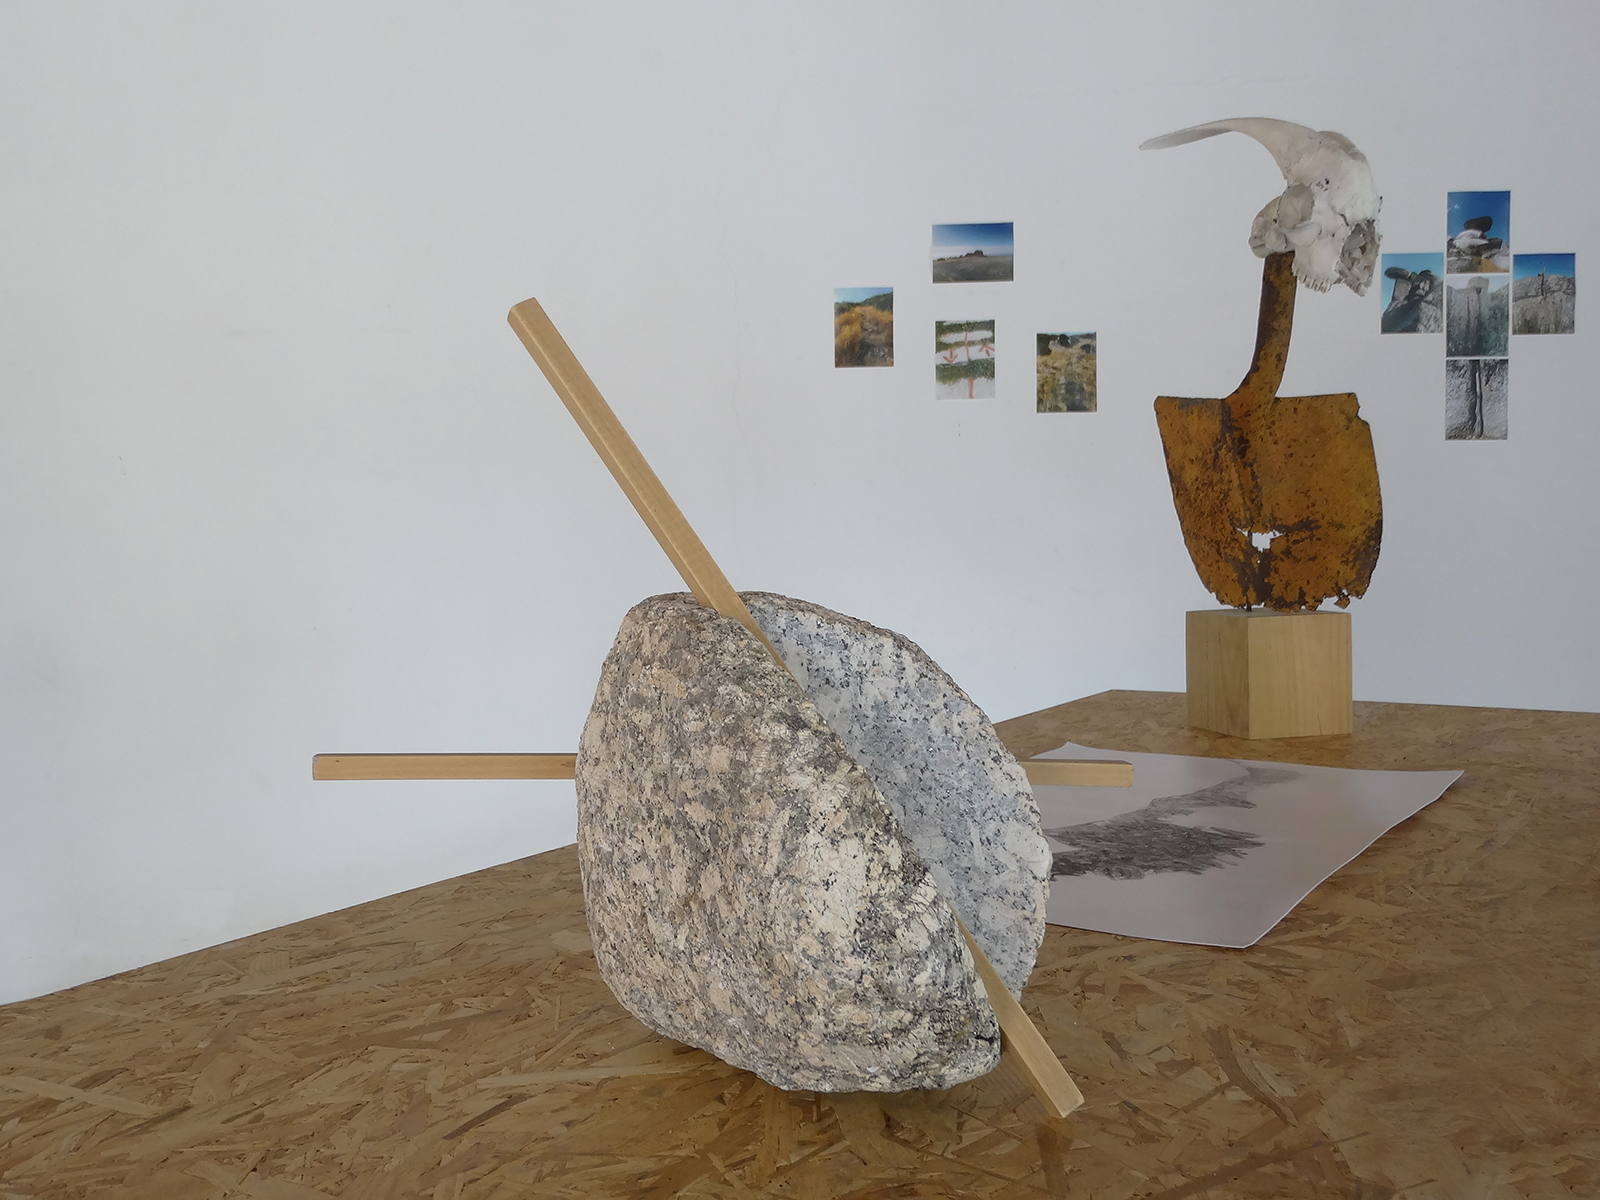 Serra da Estrela Artistic Residence - Thierry Ferreira